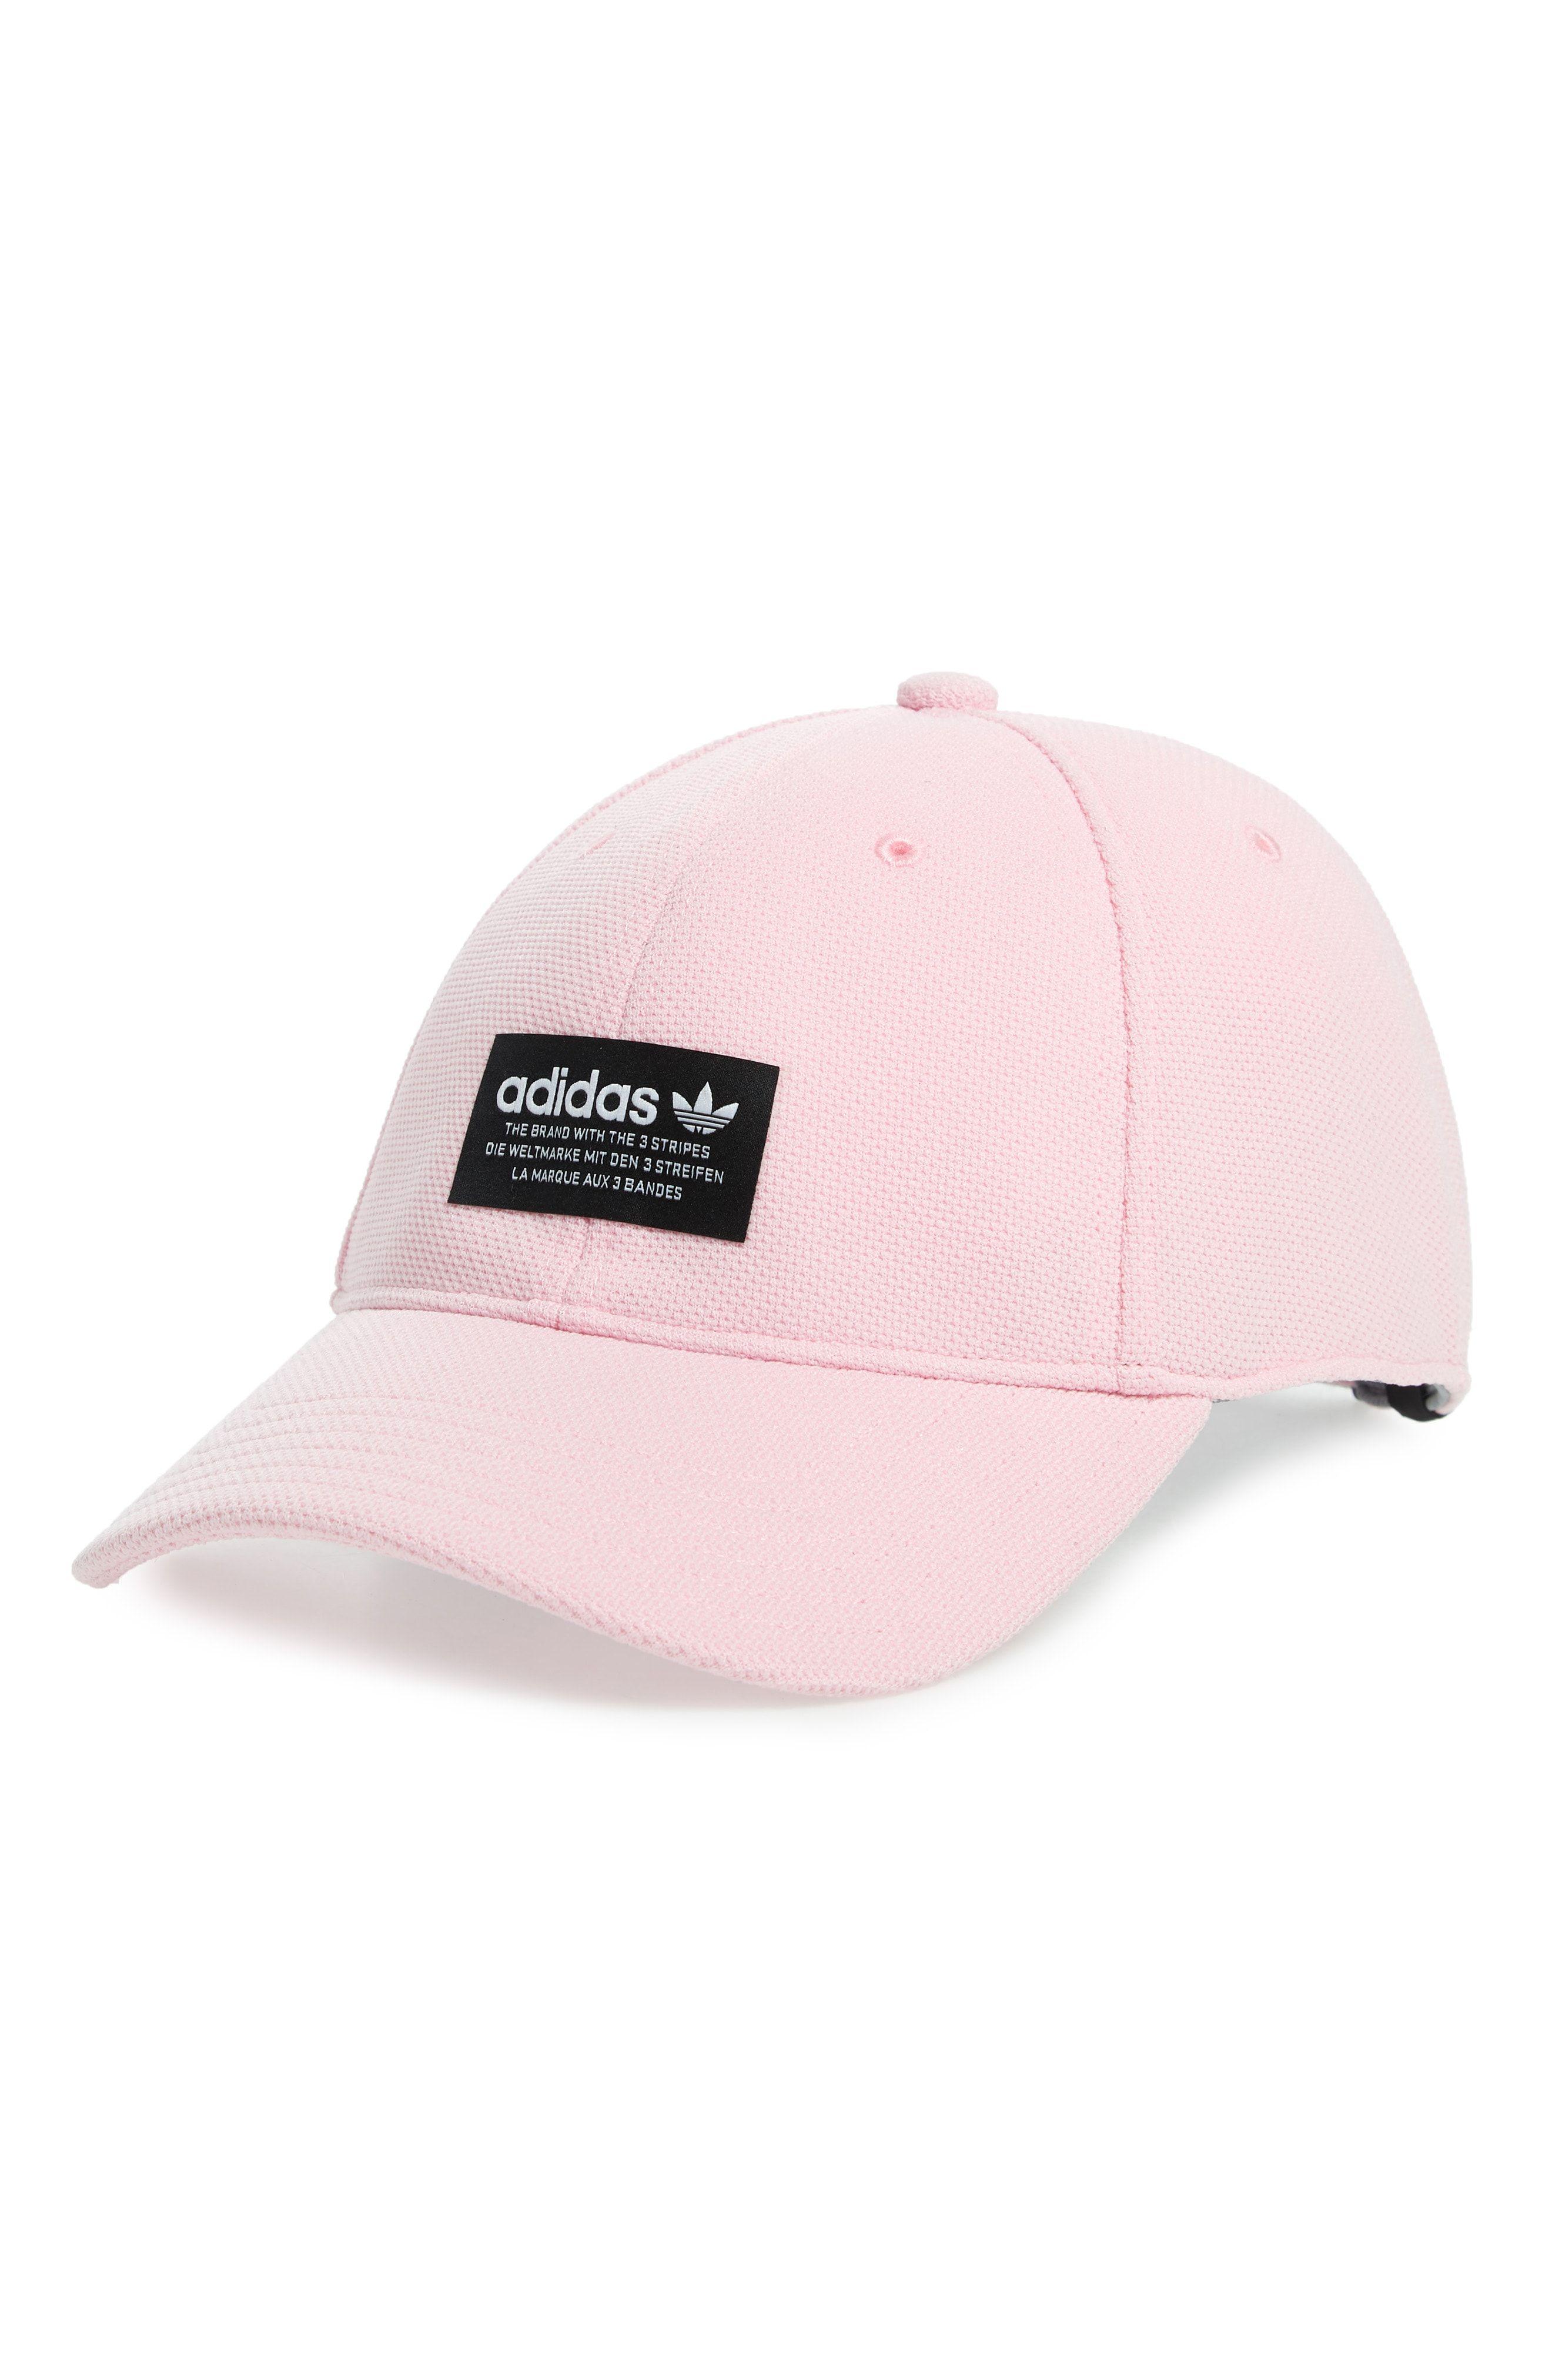 2bdba73e220 13 Best Hats For Men - Summer Baseball Caps to Buy Now